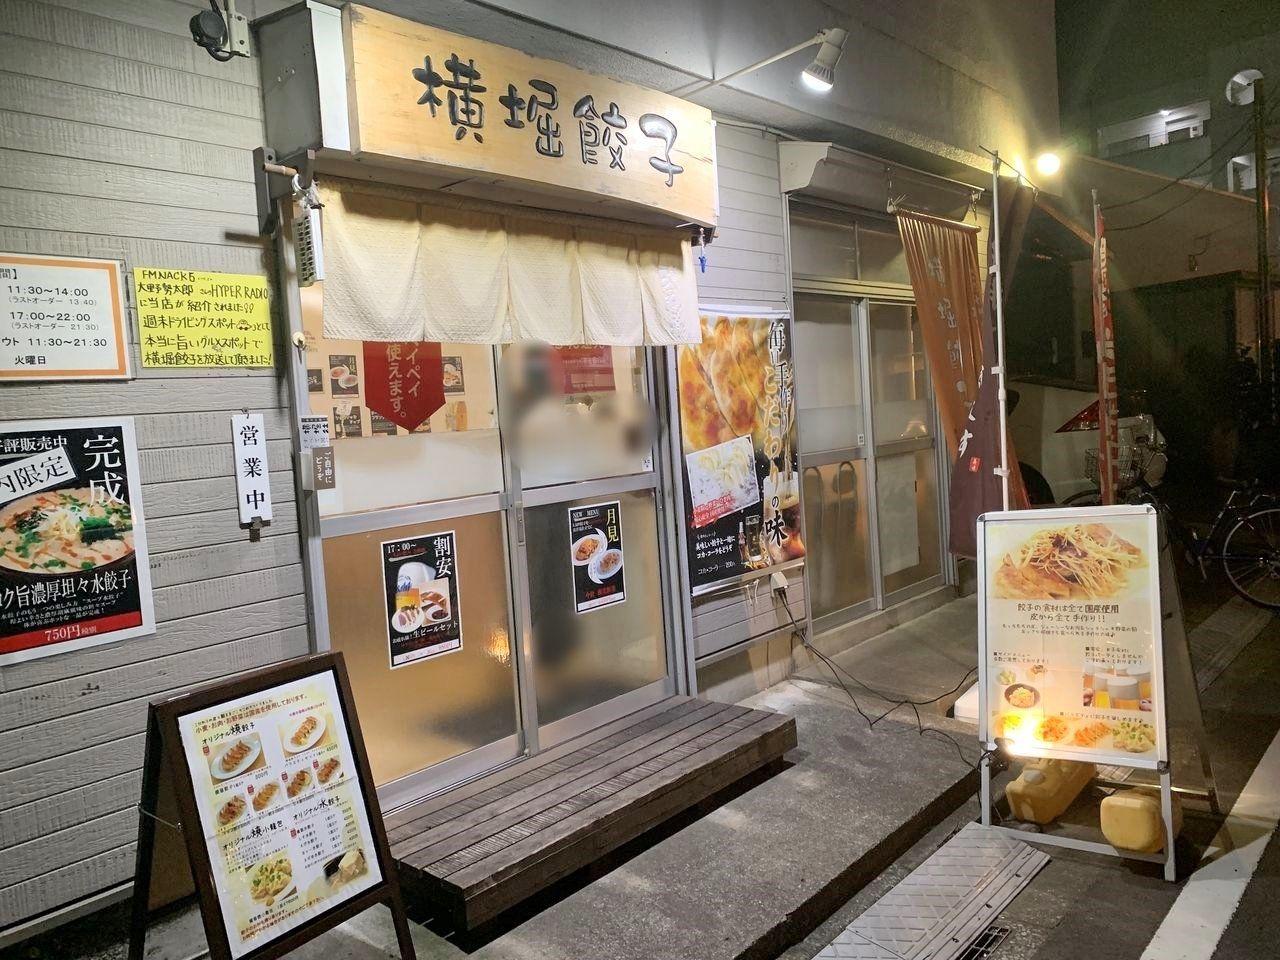 【三郷市食べ歩きブログ】三郷駅徒歩3分にある餃子専門店「横堀餃子」へ